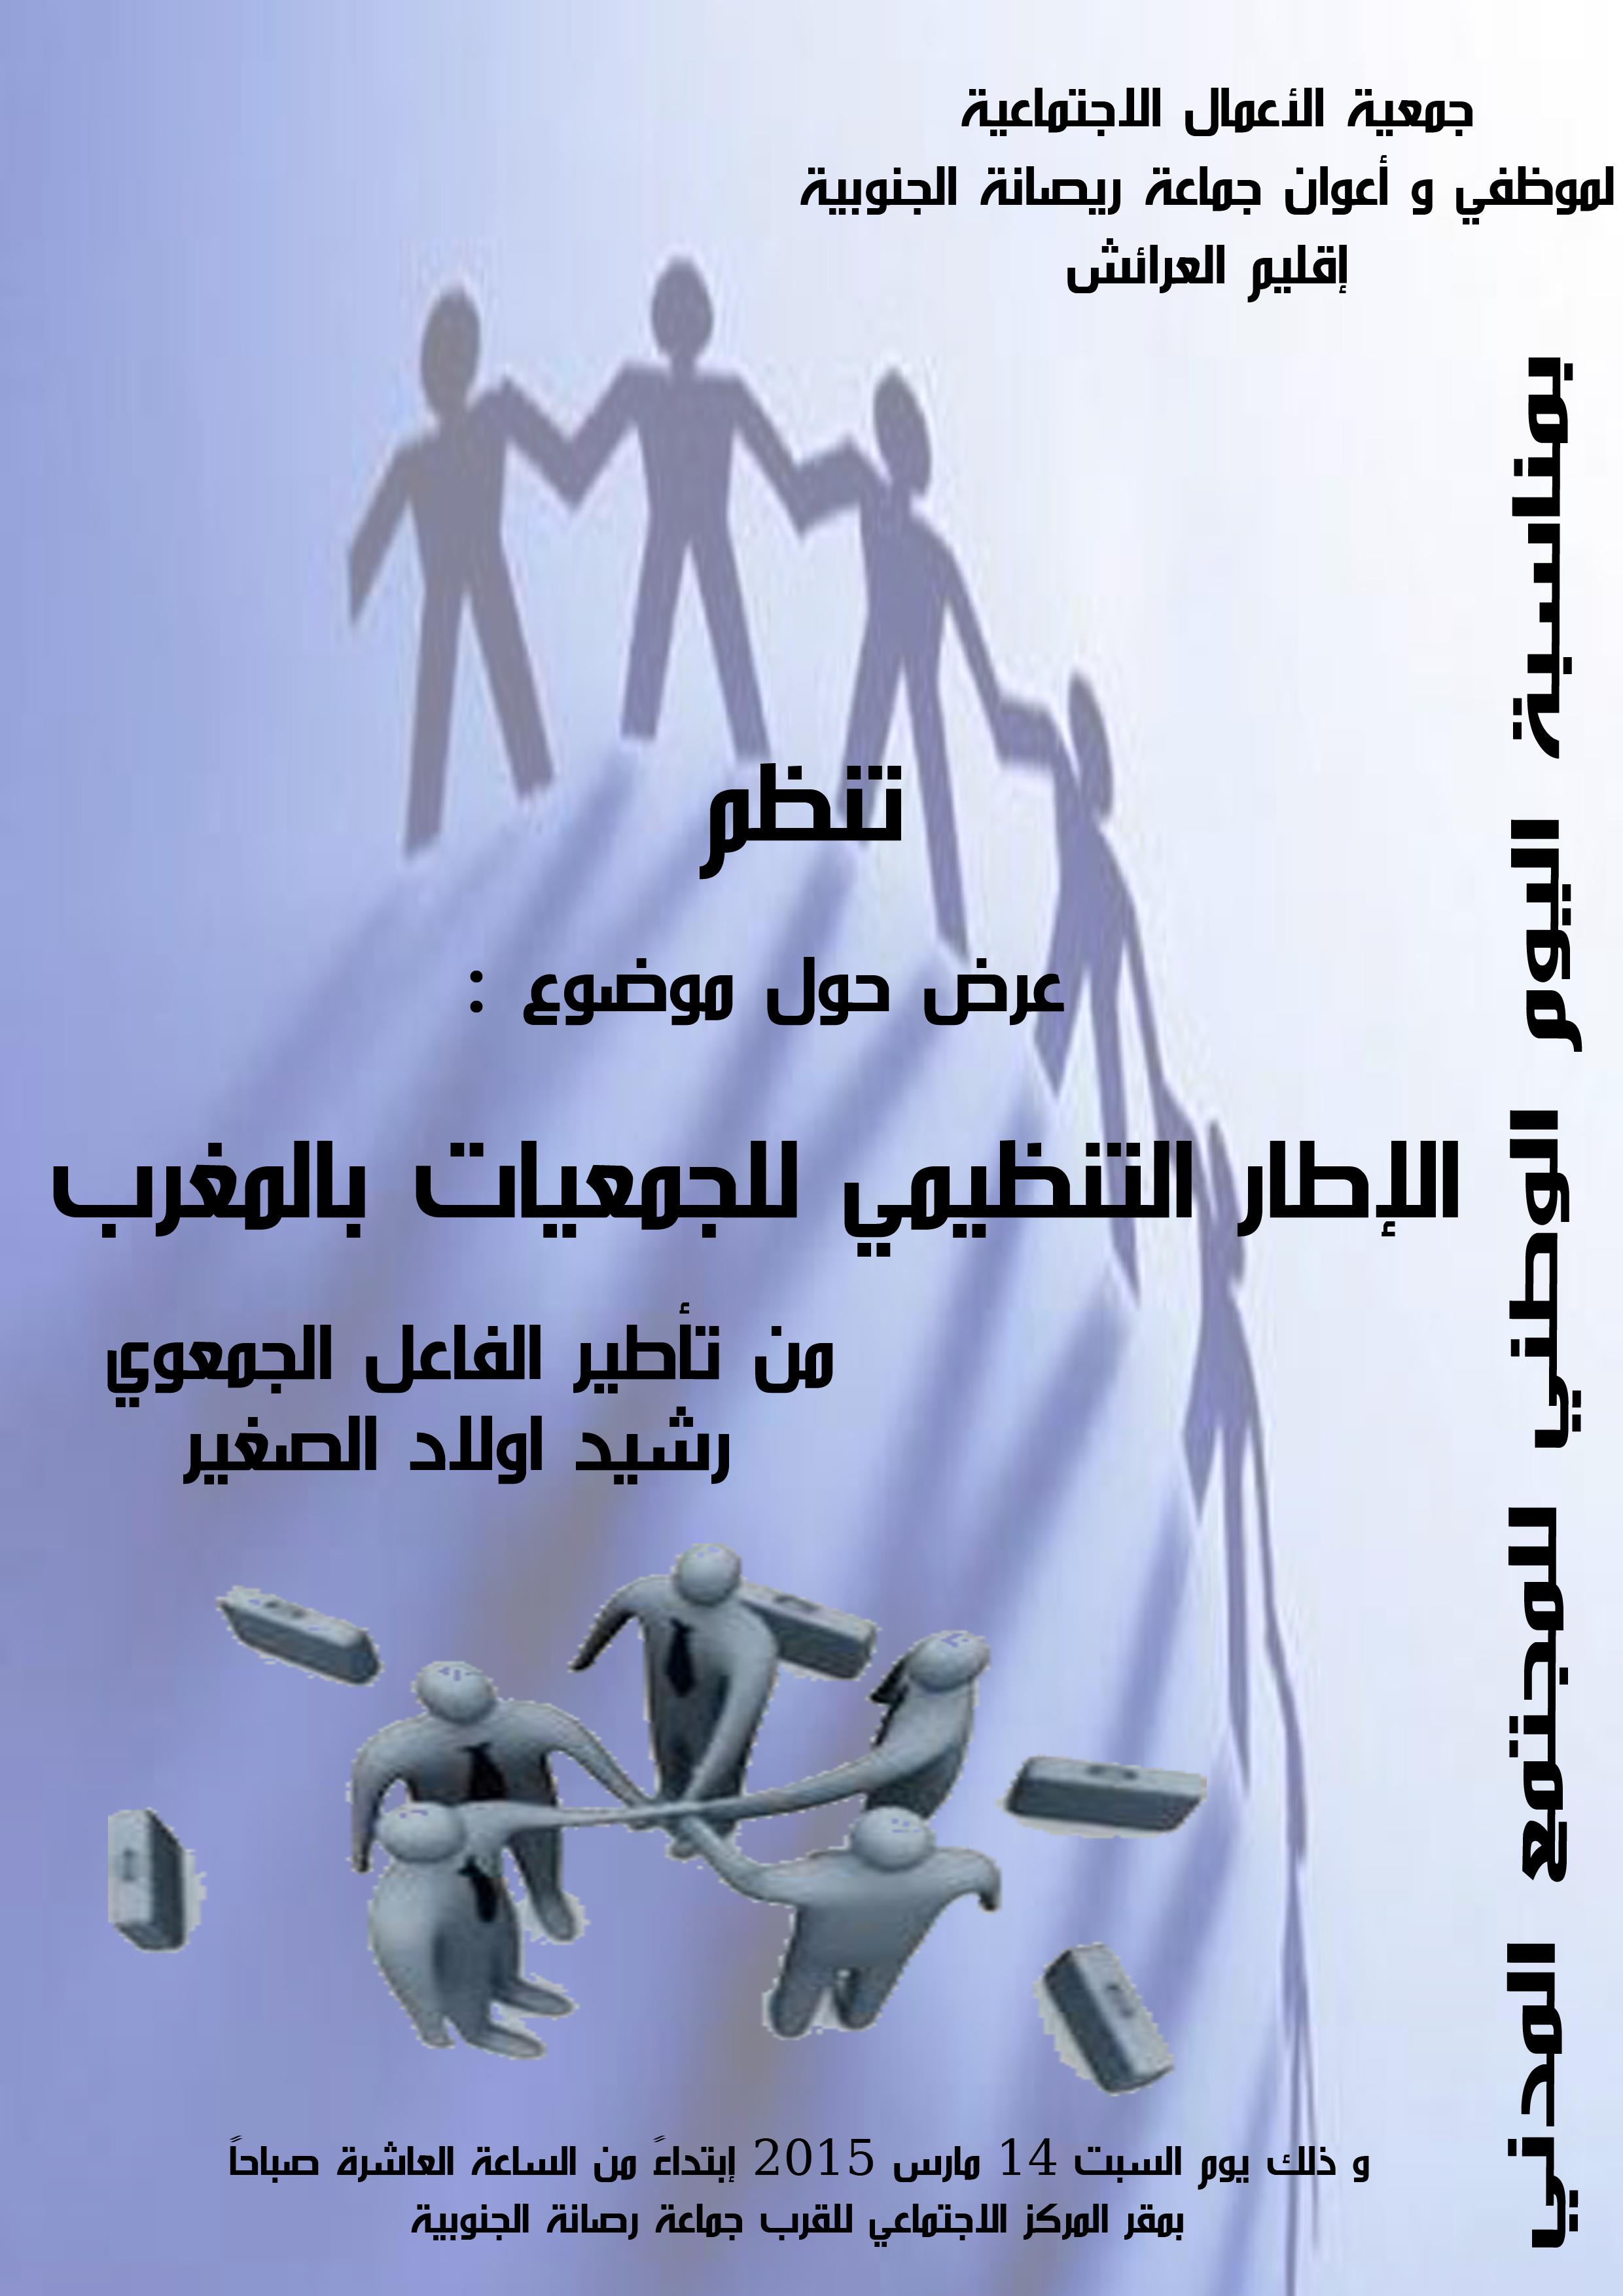 الريصانة الجنوبية: دعوة لقاء حول الإطار التنظيمي للجمعيات بالمغرب